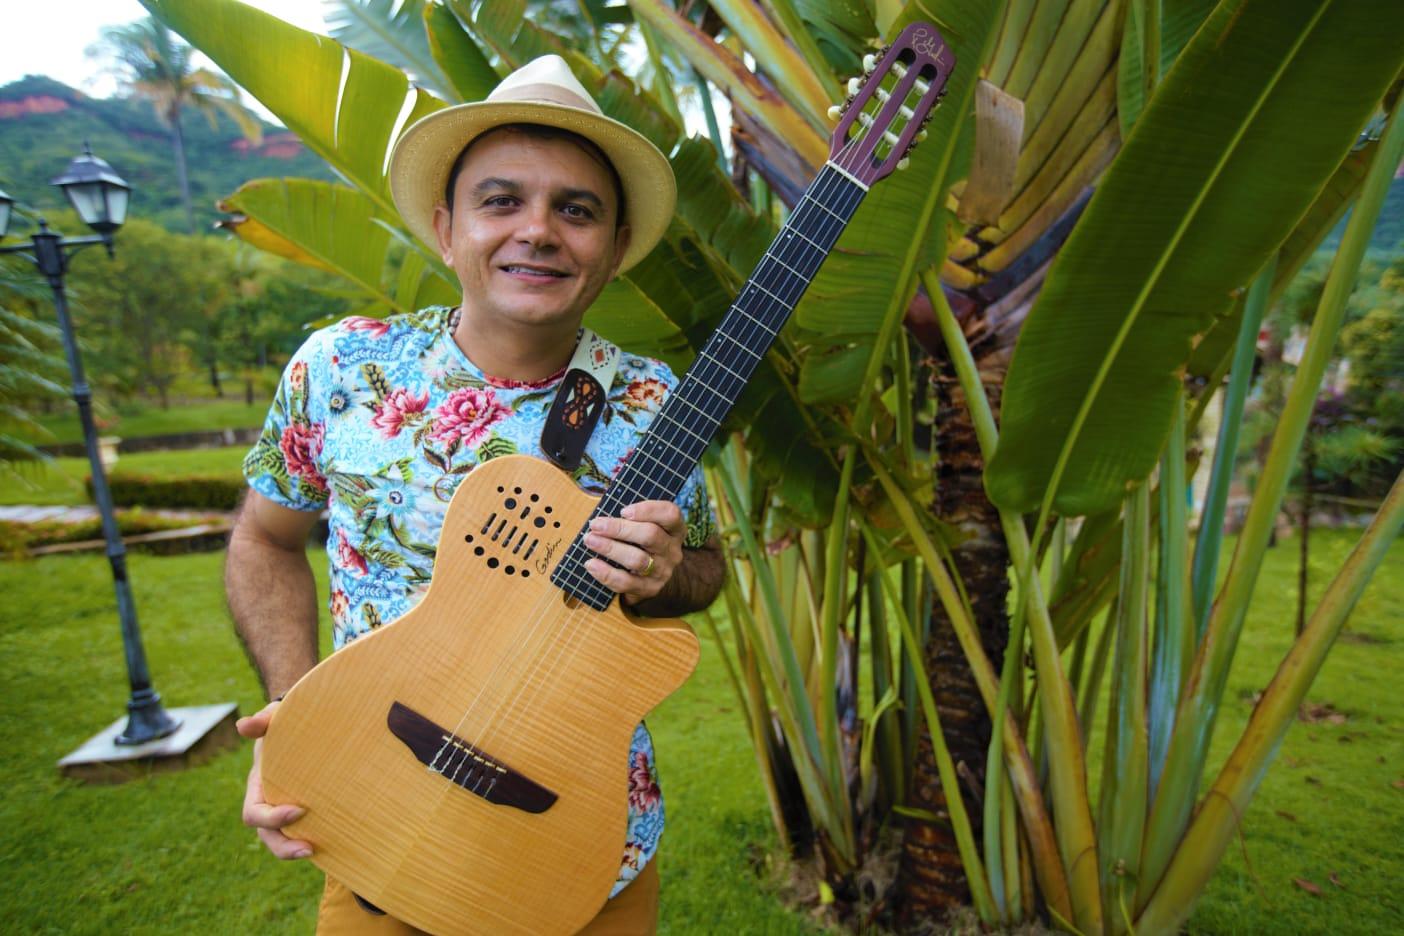 Programação do Sesc Sonoridades traz live solidária de Leonardo de Luna e Convidados neste domingo